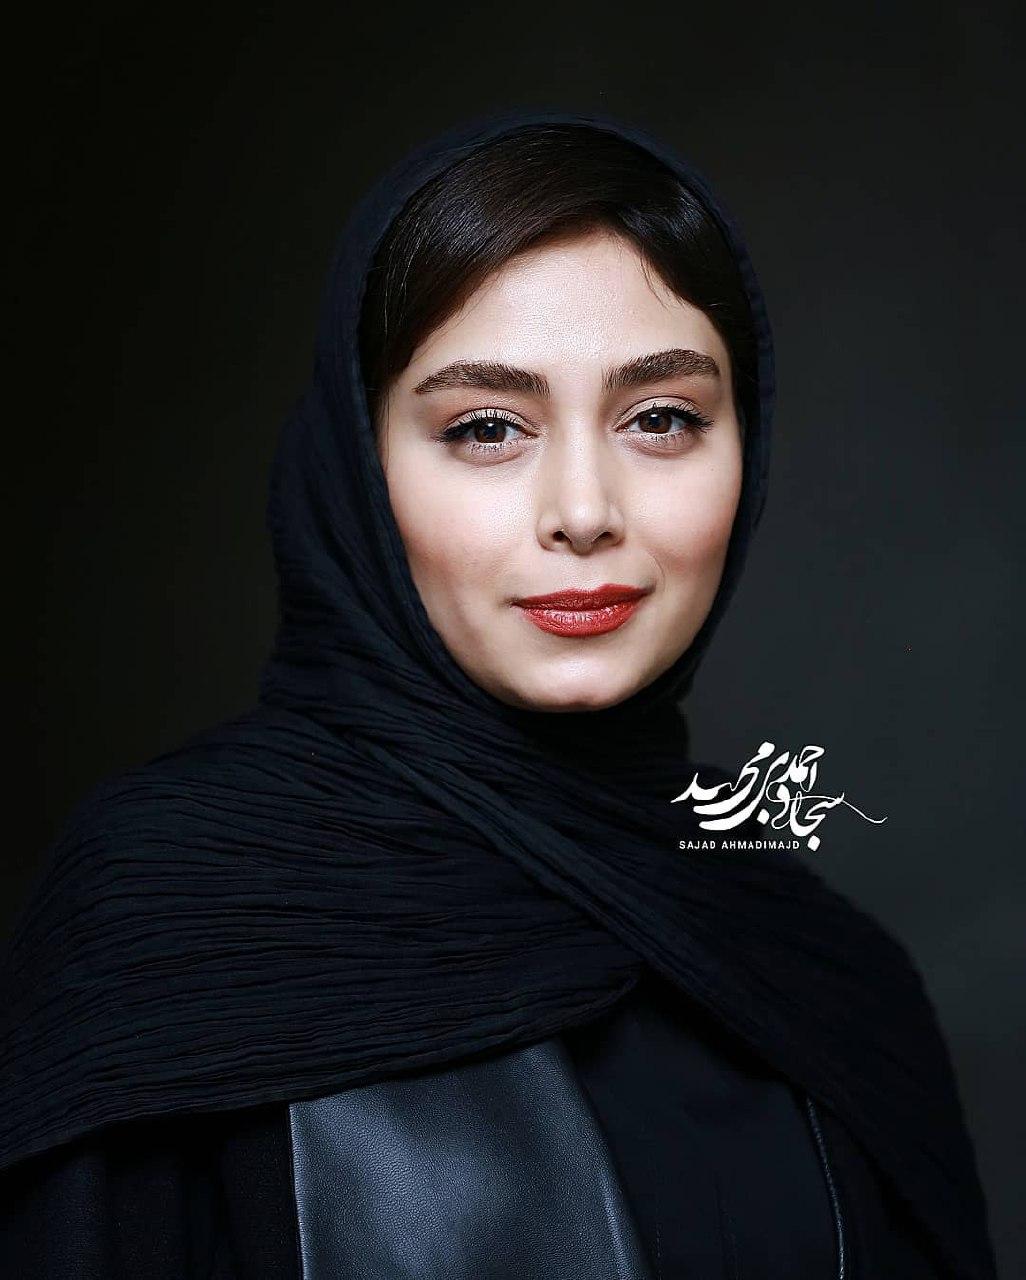 عکسهای دیبا زاهدی در اکران فیلم تیغ و ترمه در ۳۷ اُمین جشنواره فیلم فجر